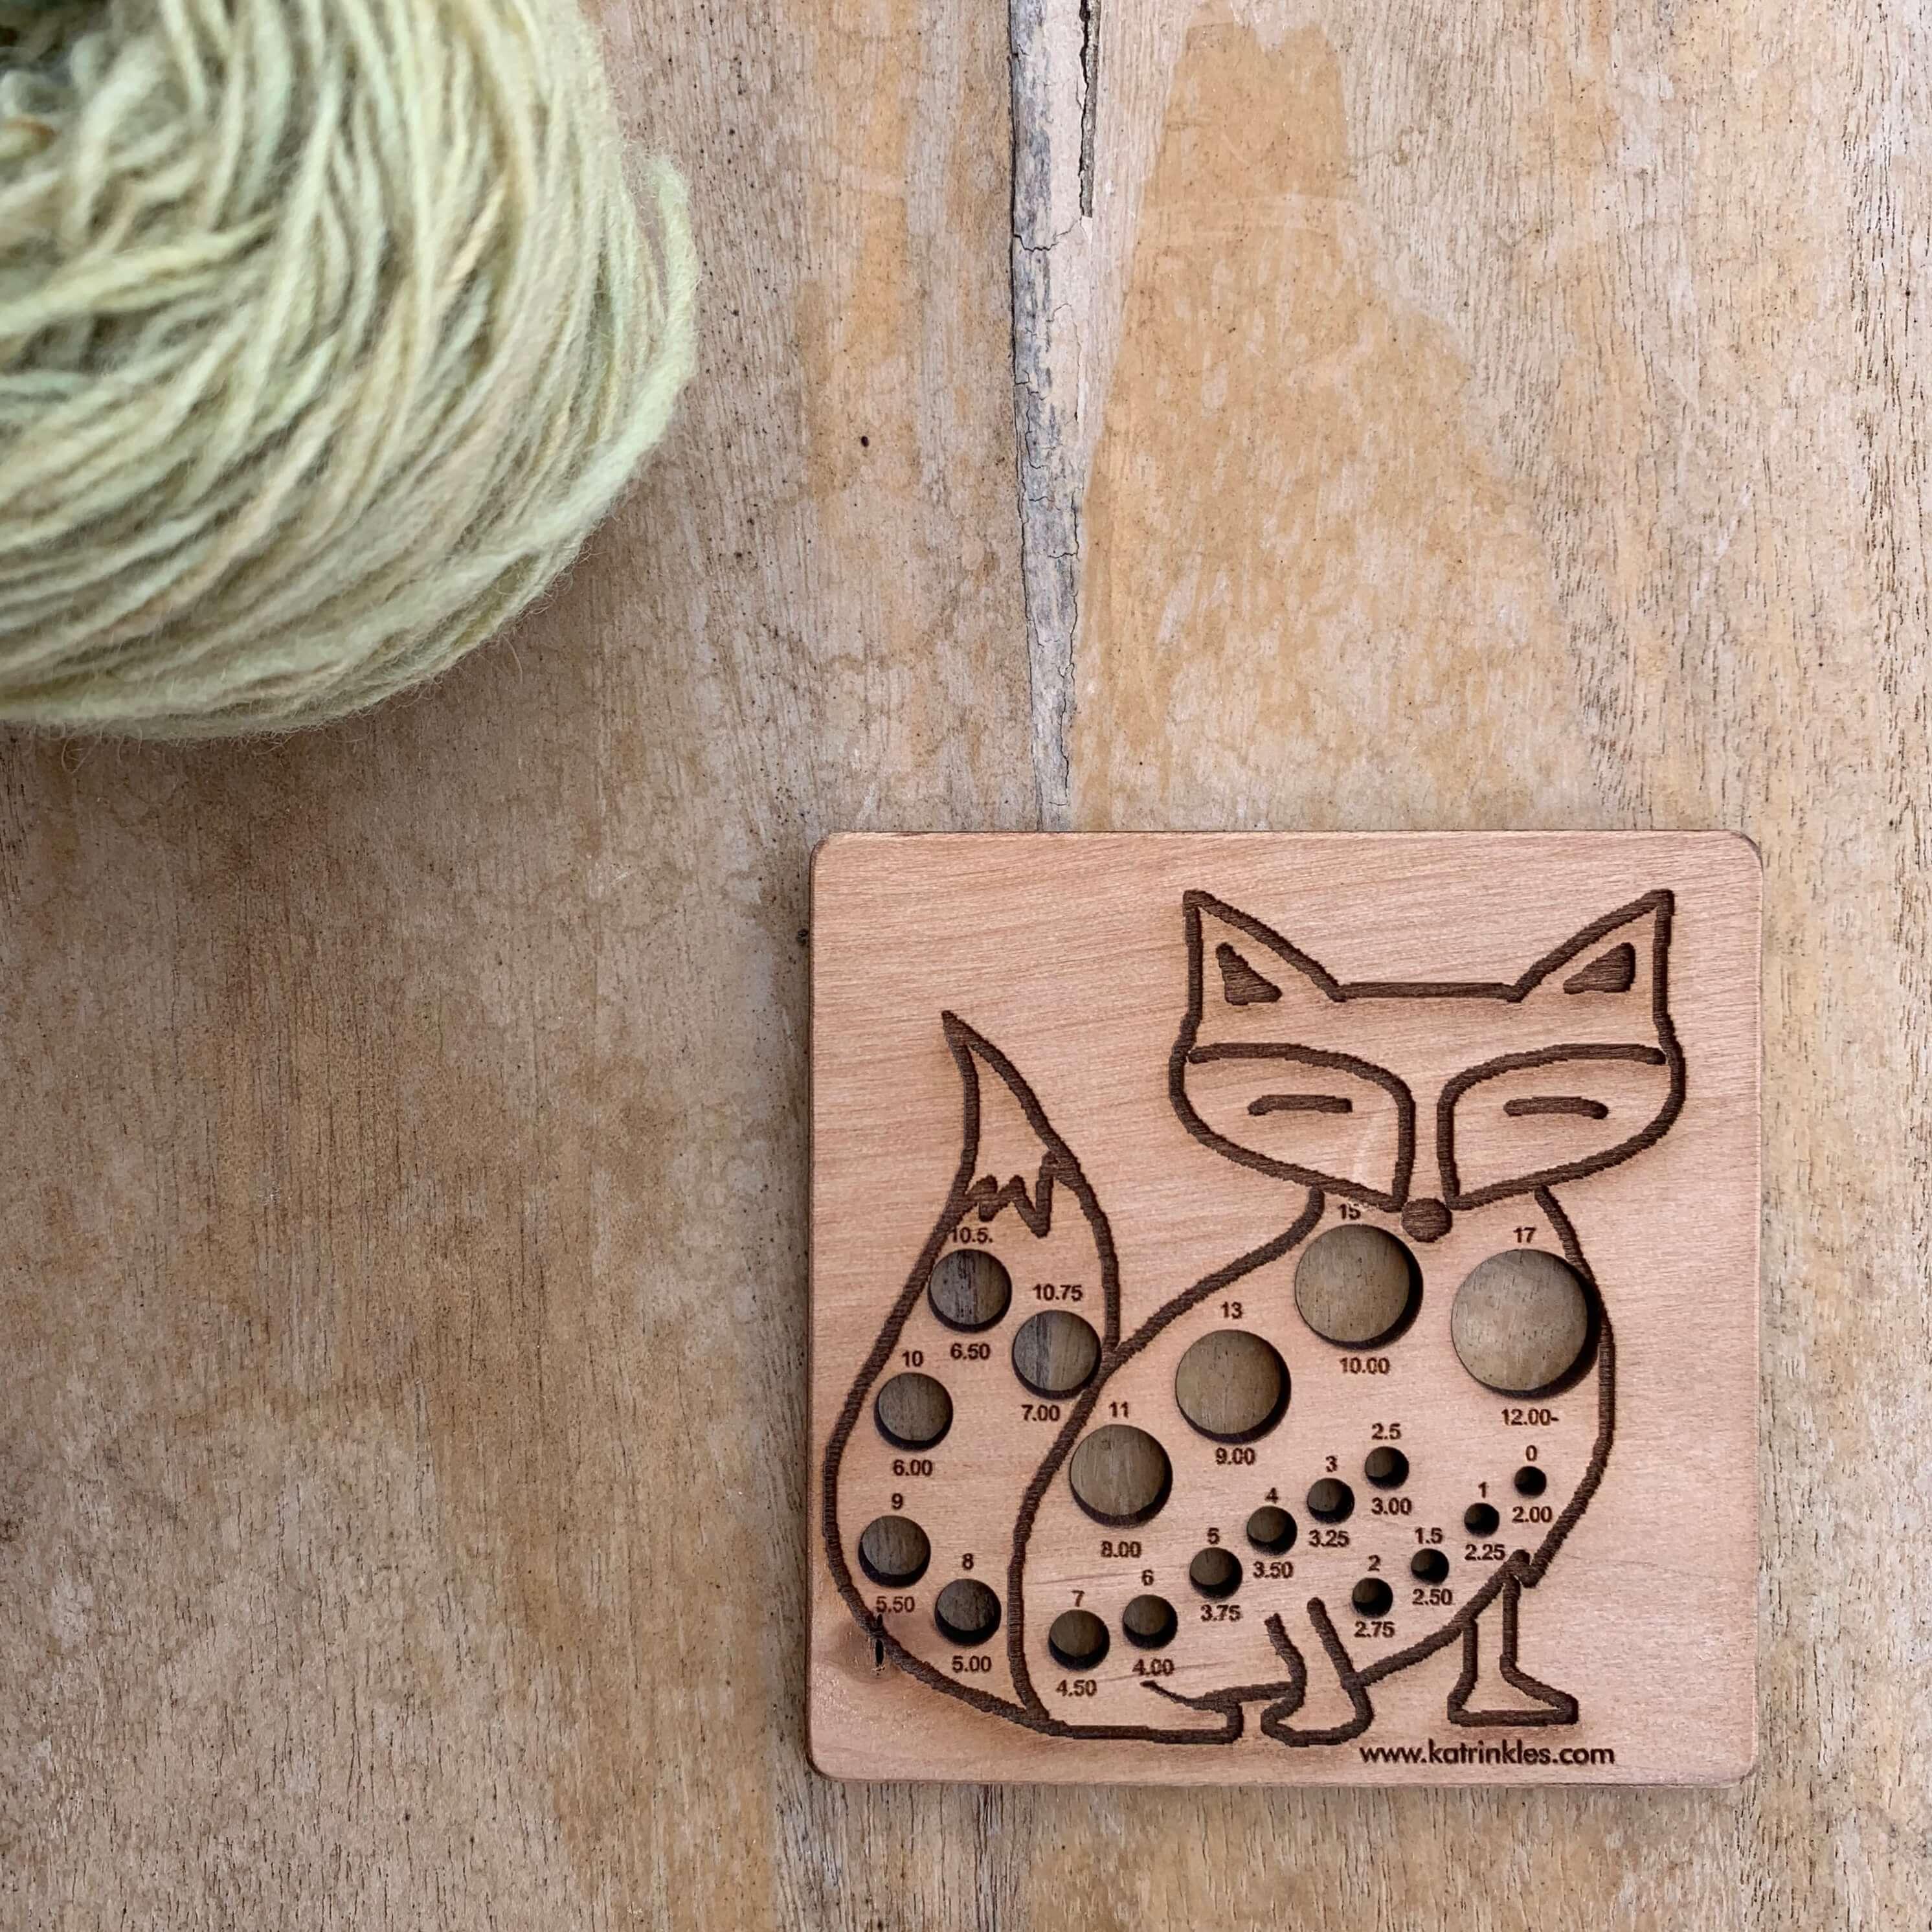 Fox Knitting Needle Gauge   Calibrador de Agulhas de Tricot